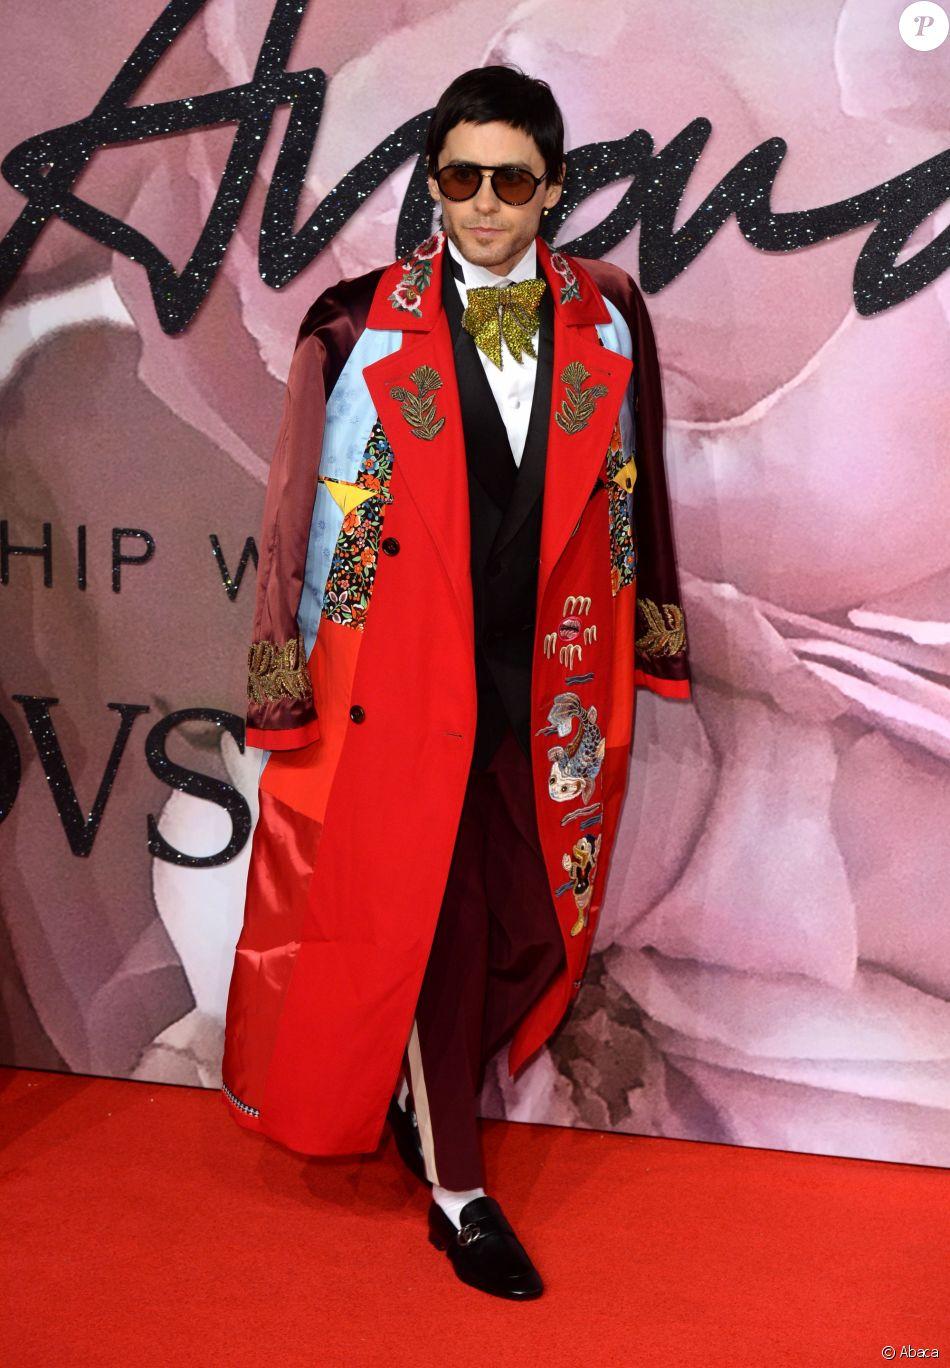 Jared Leto au Fashion Awards 2016 au Royal Albert Hall à Londres, le 5 décembre 2016